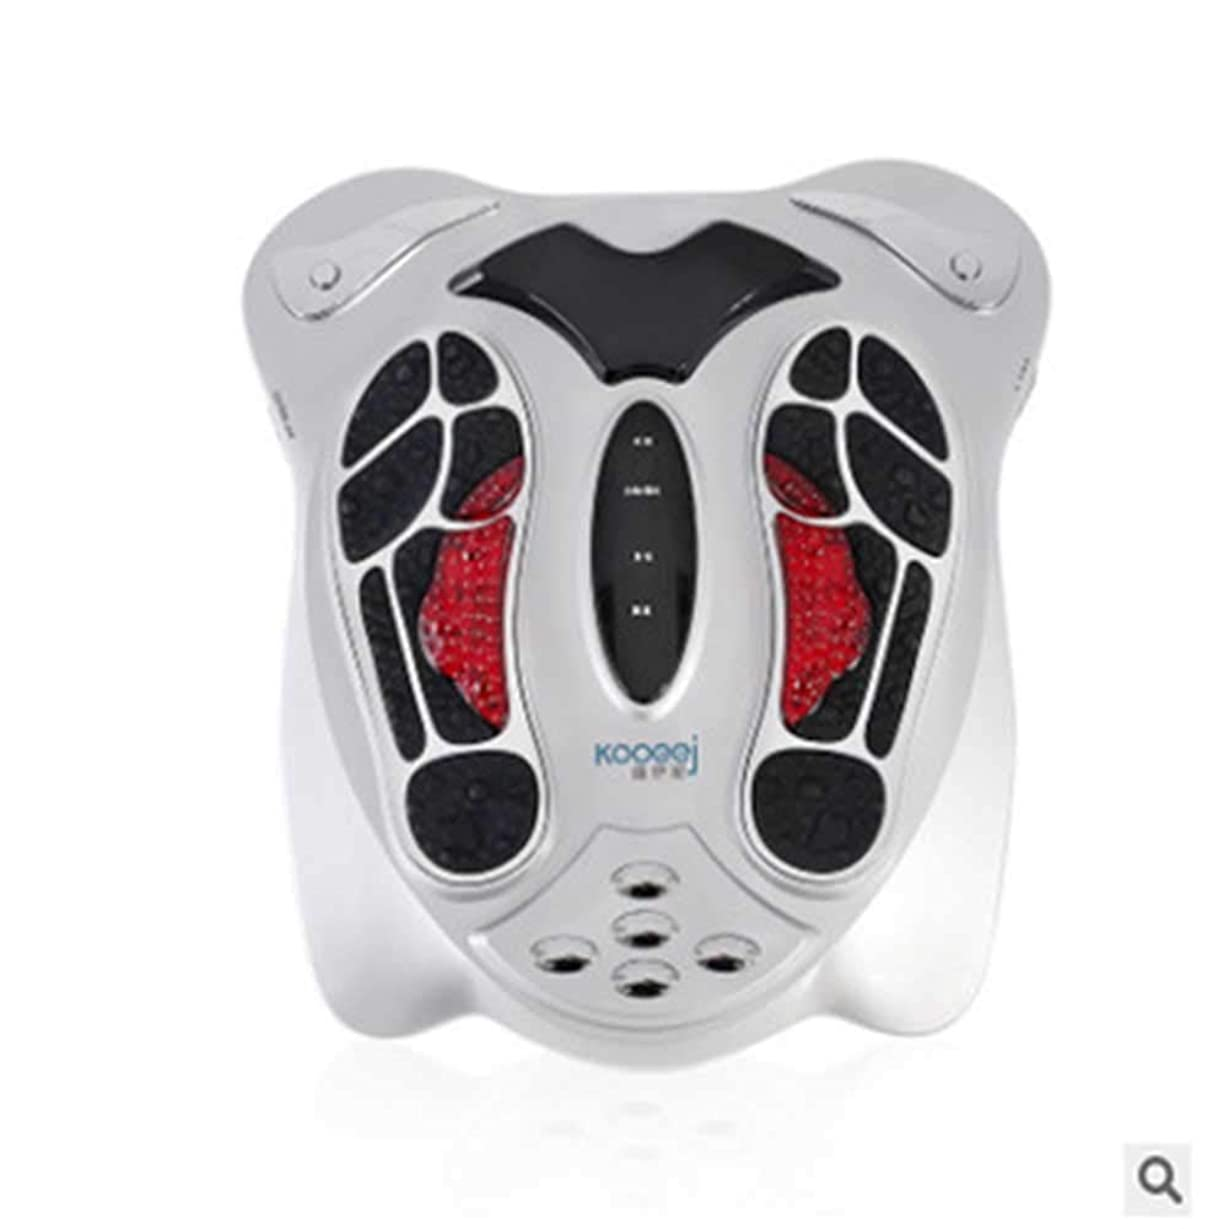 鷲キャリッジ動物調整可能 赤外線フットマッサージャーフットマッサージャーフットマッサージャー低周波健康理学療法器具 リラックス, Silver